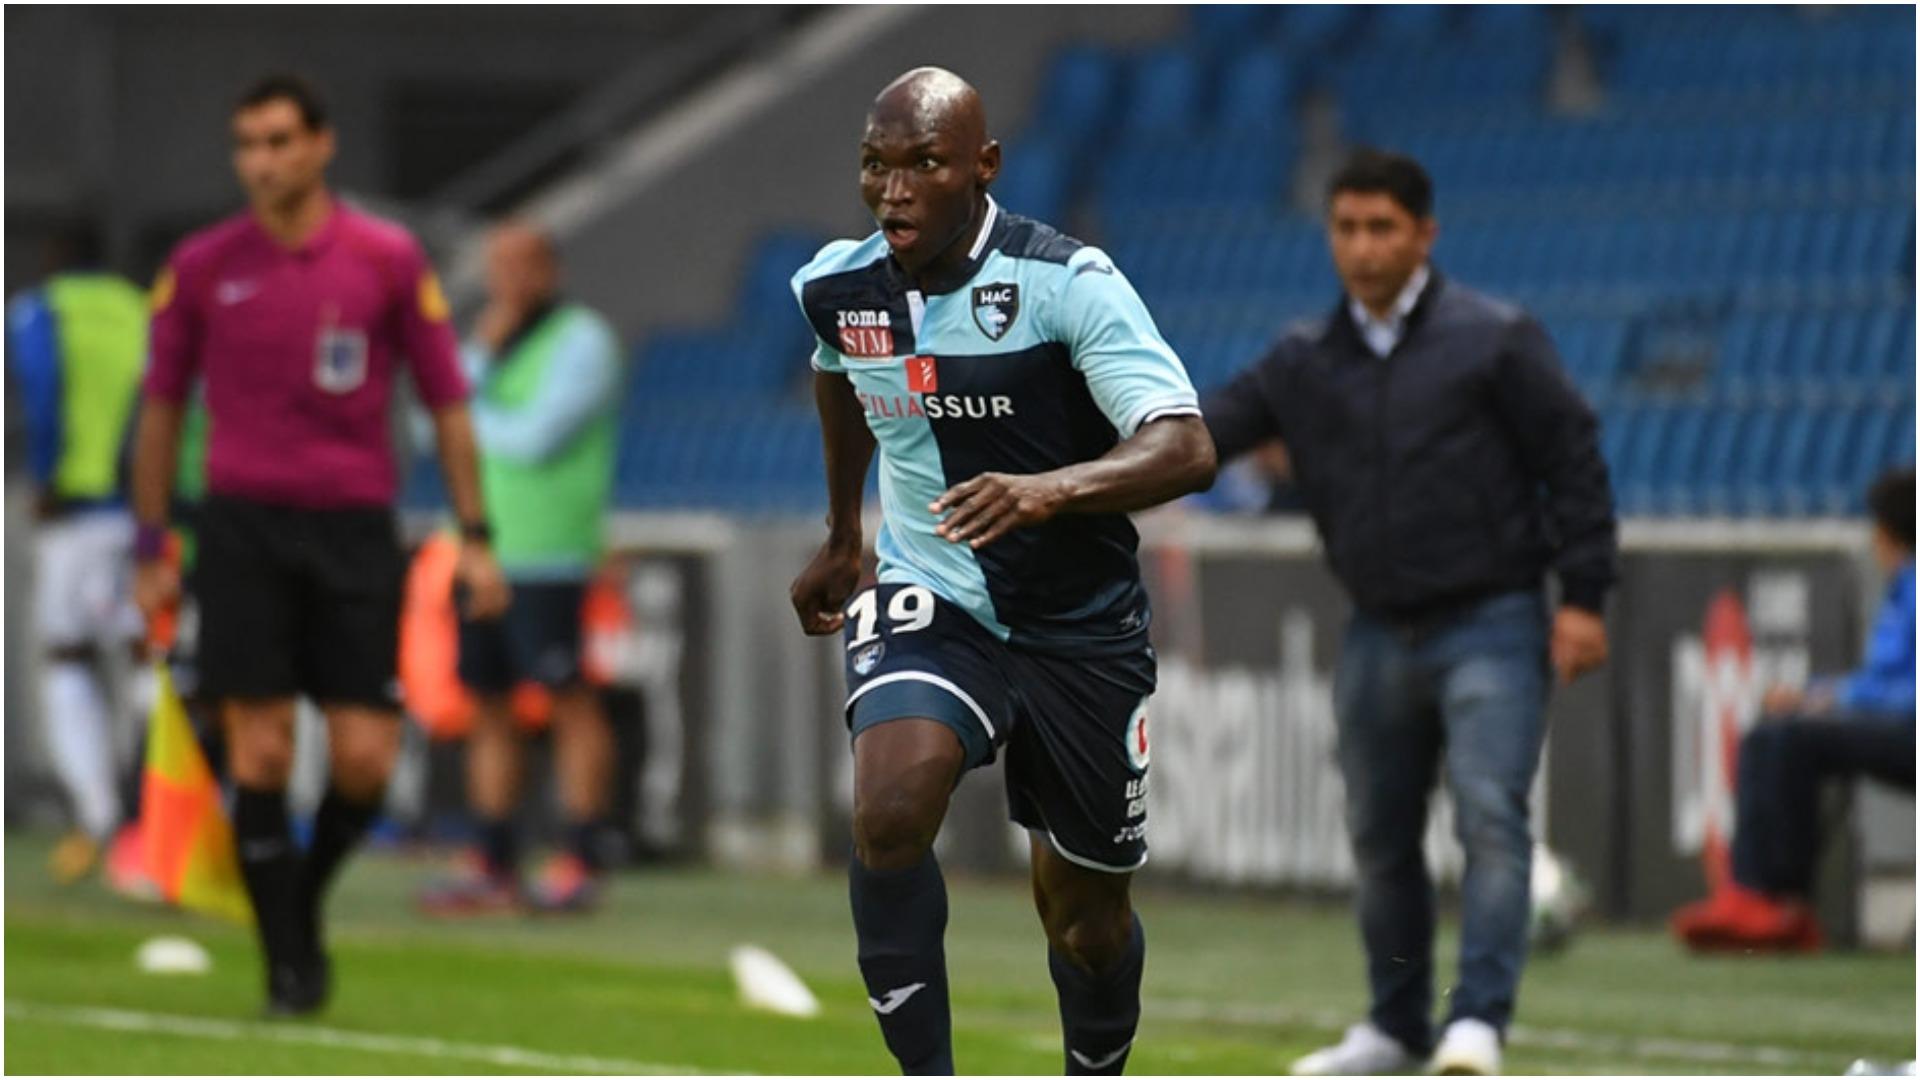 Çudia e ish-klubit të Sadikut, largon lojtarin 3 ditë pasi kishte firmosur